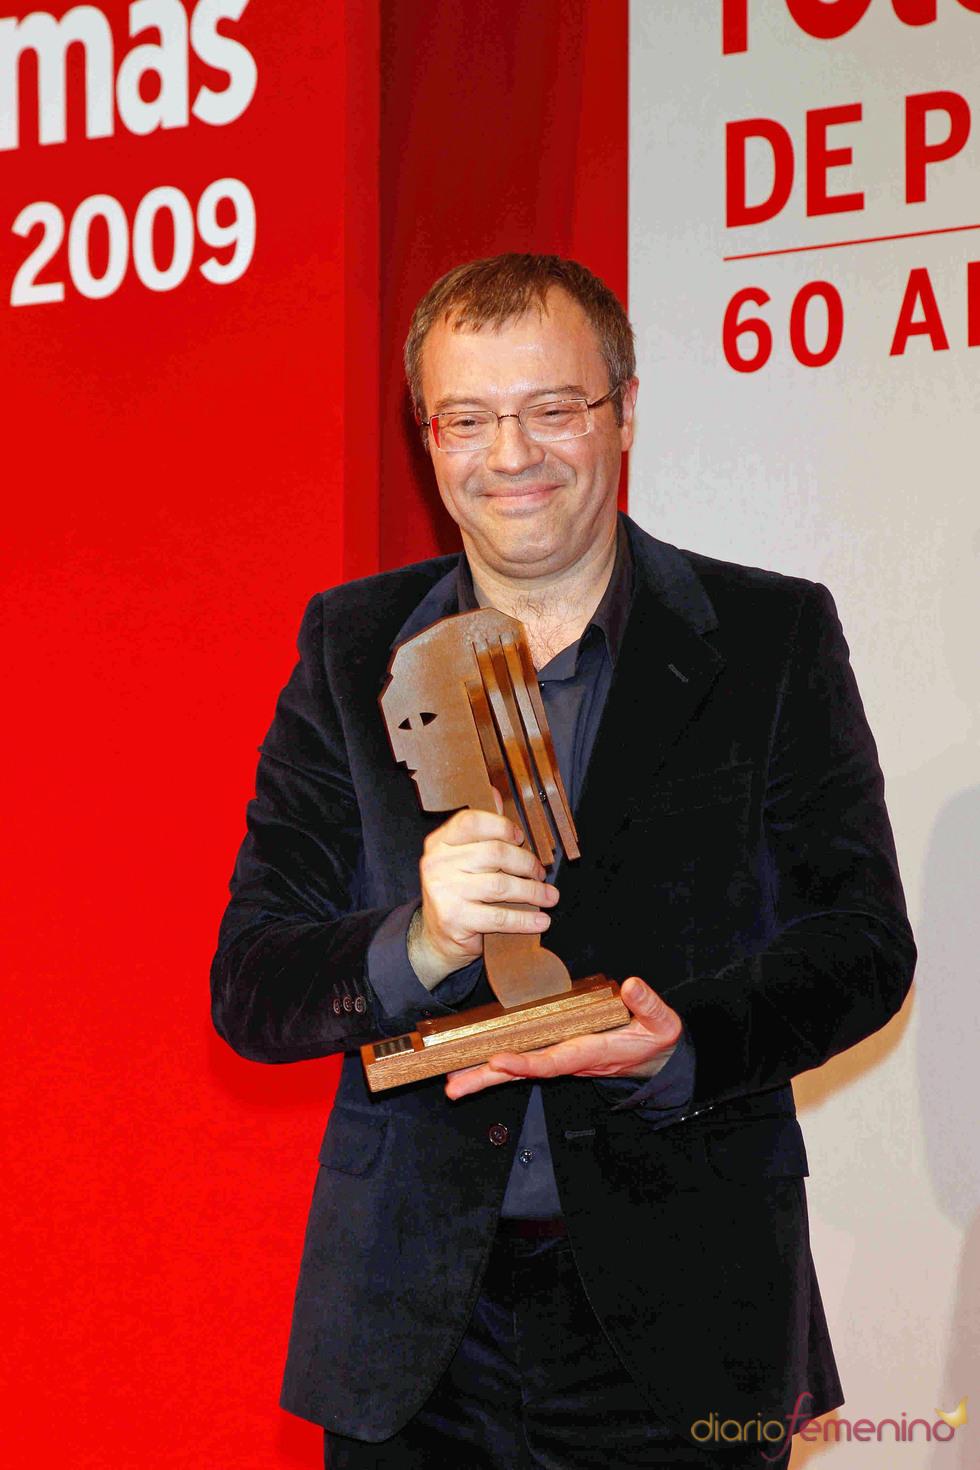 Premios Fotogramas de Plata 2009: Daniel Monzón